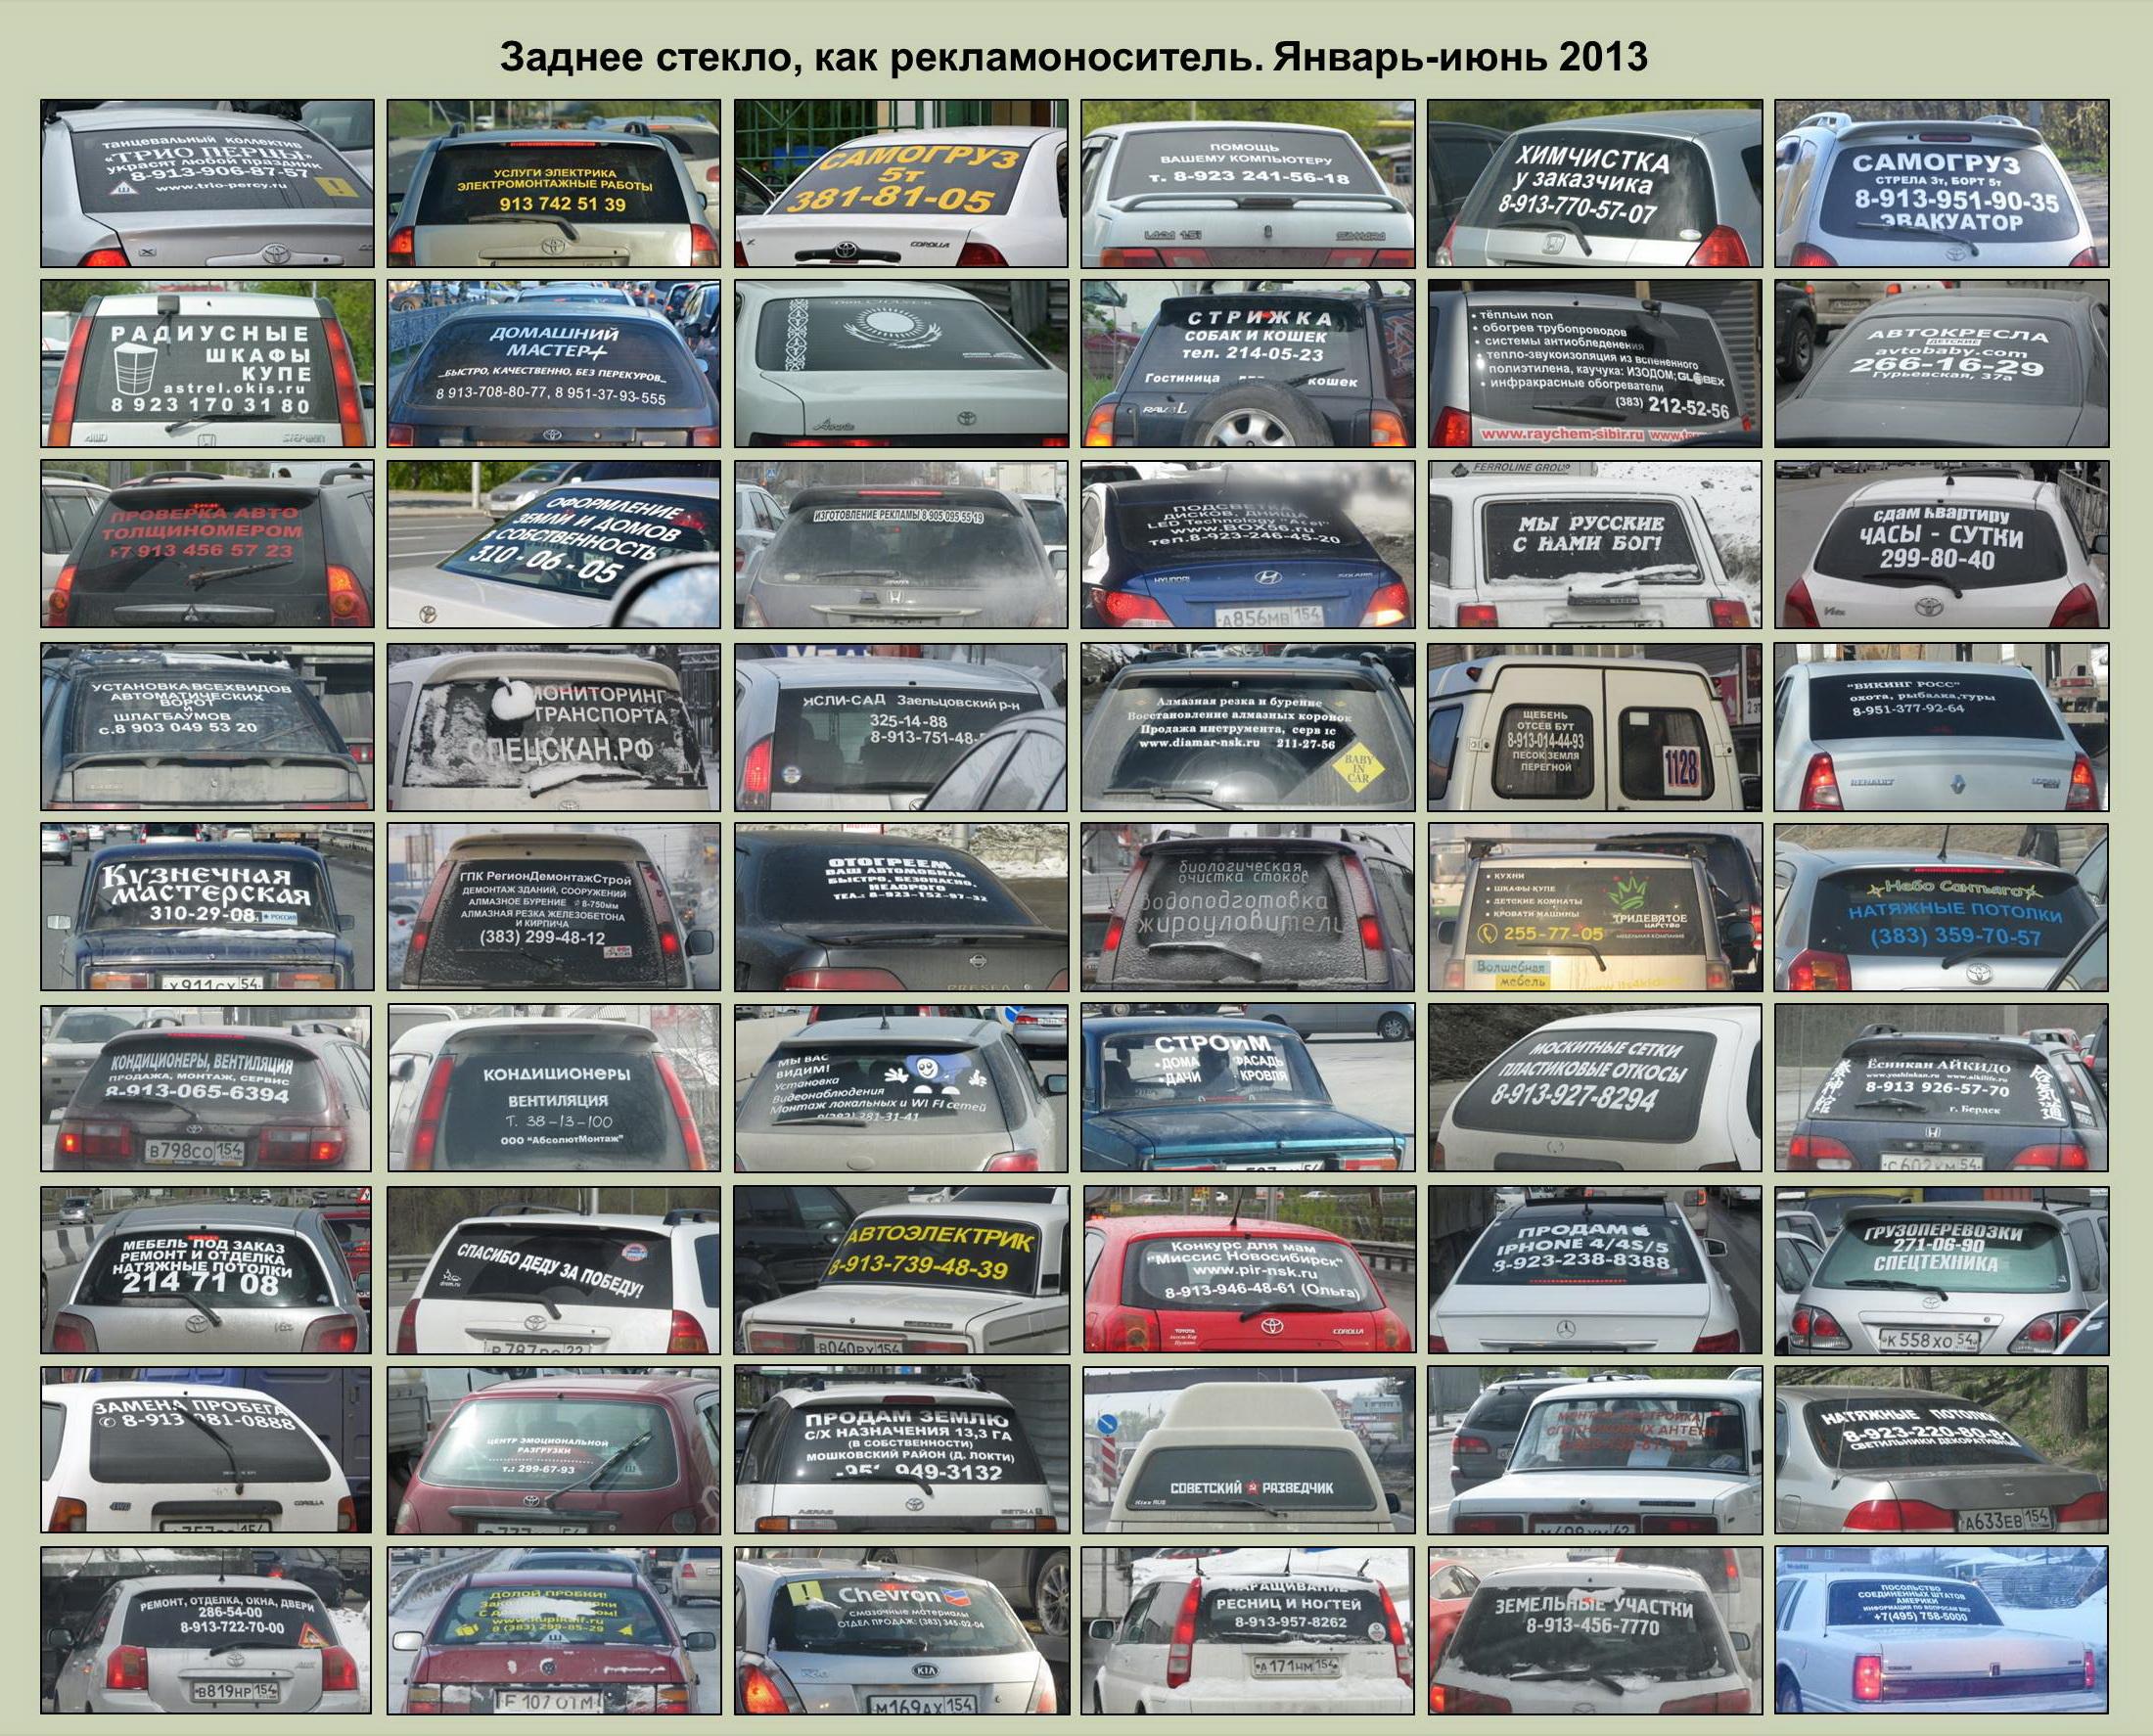 Реклама автомобильного сайта определение интернет реклама